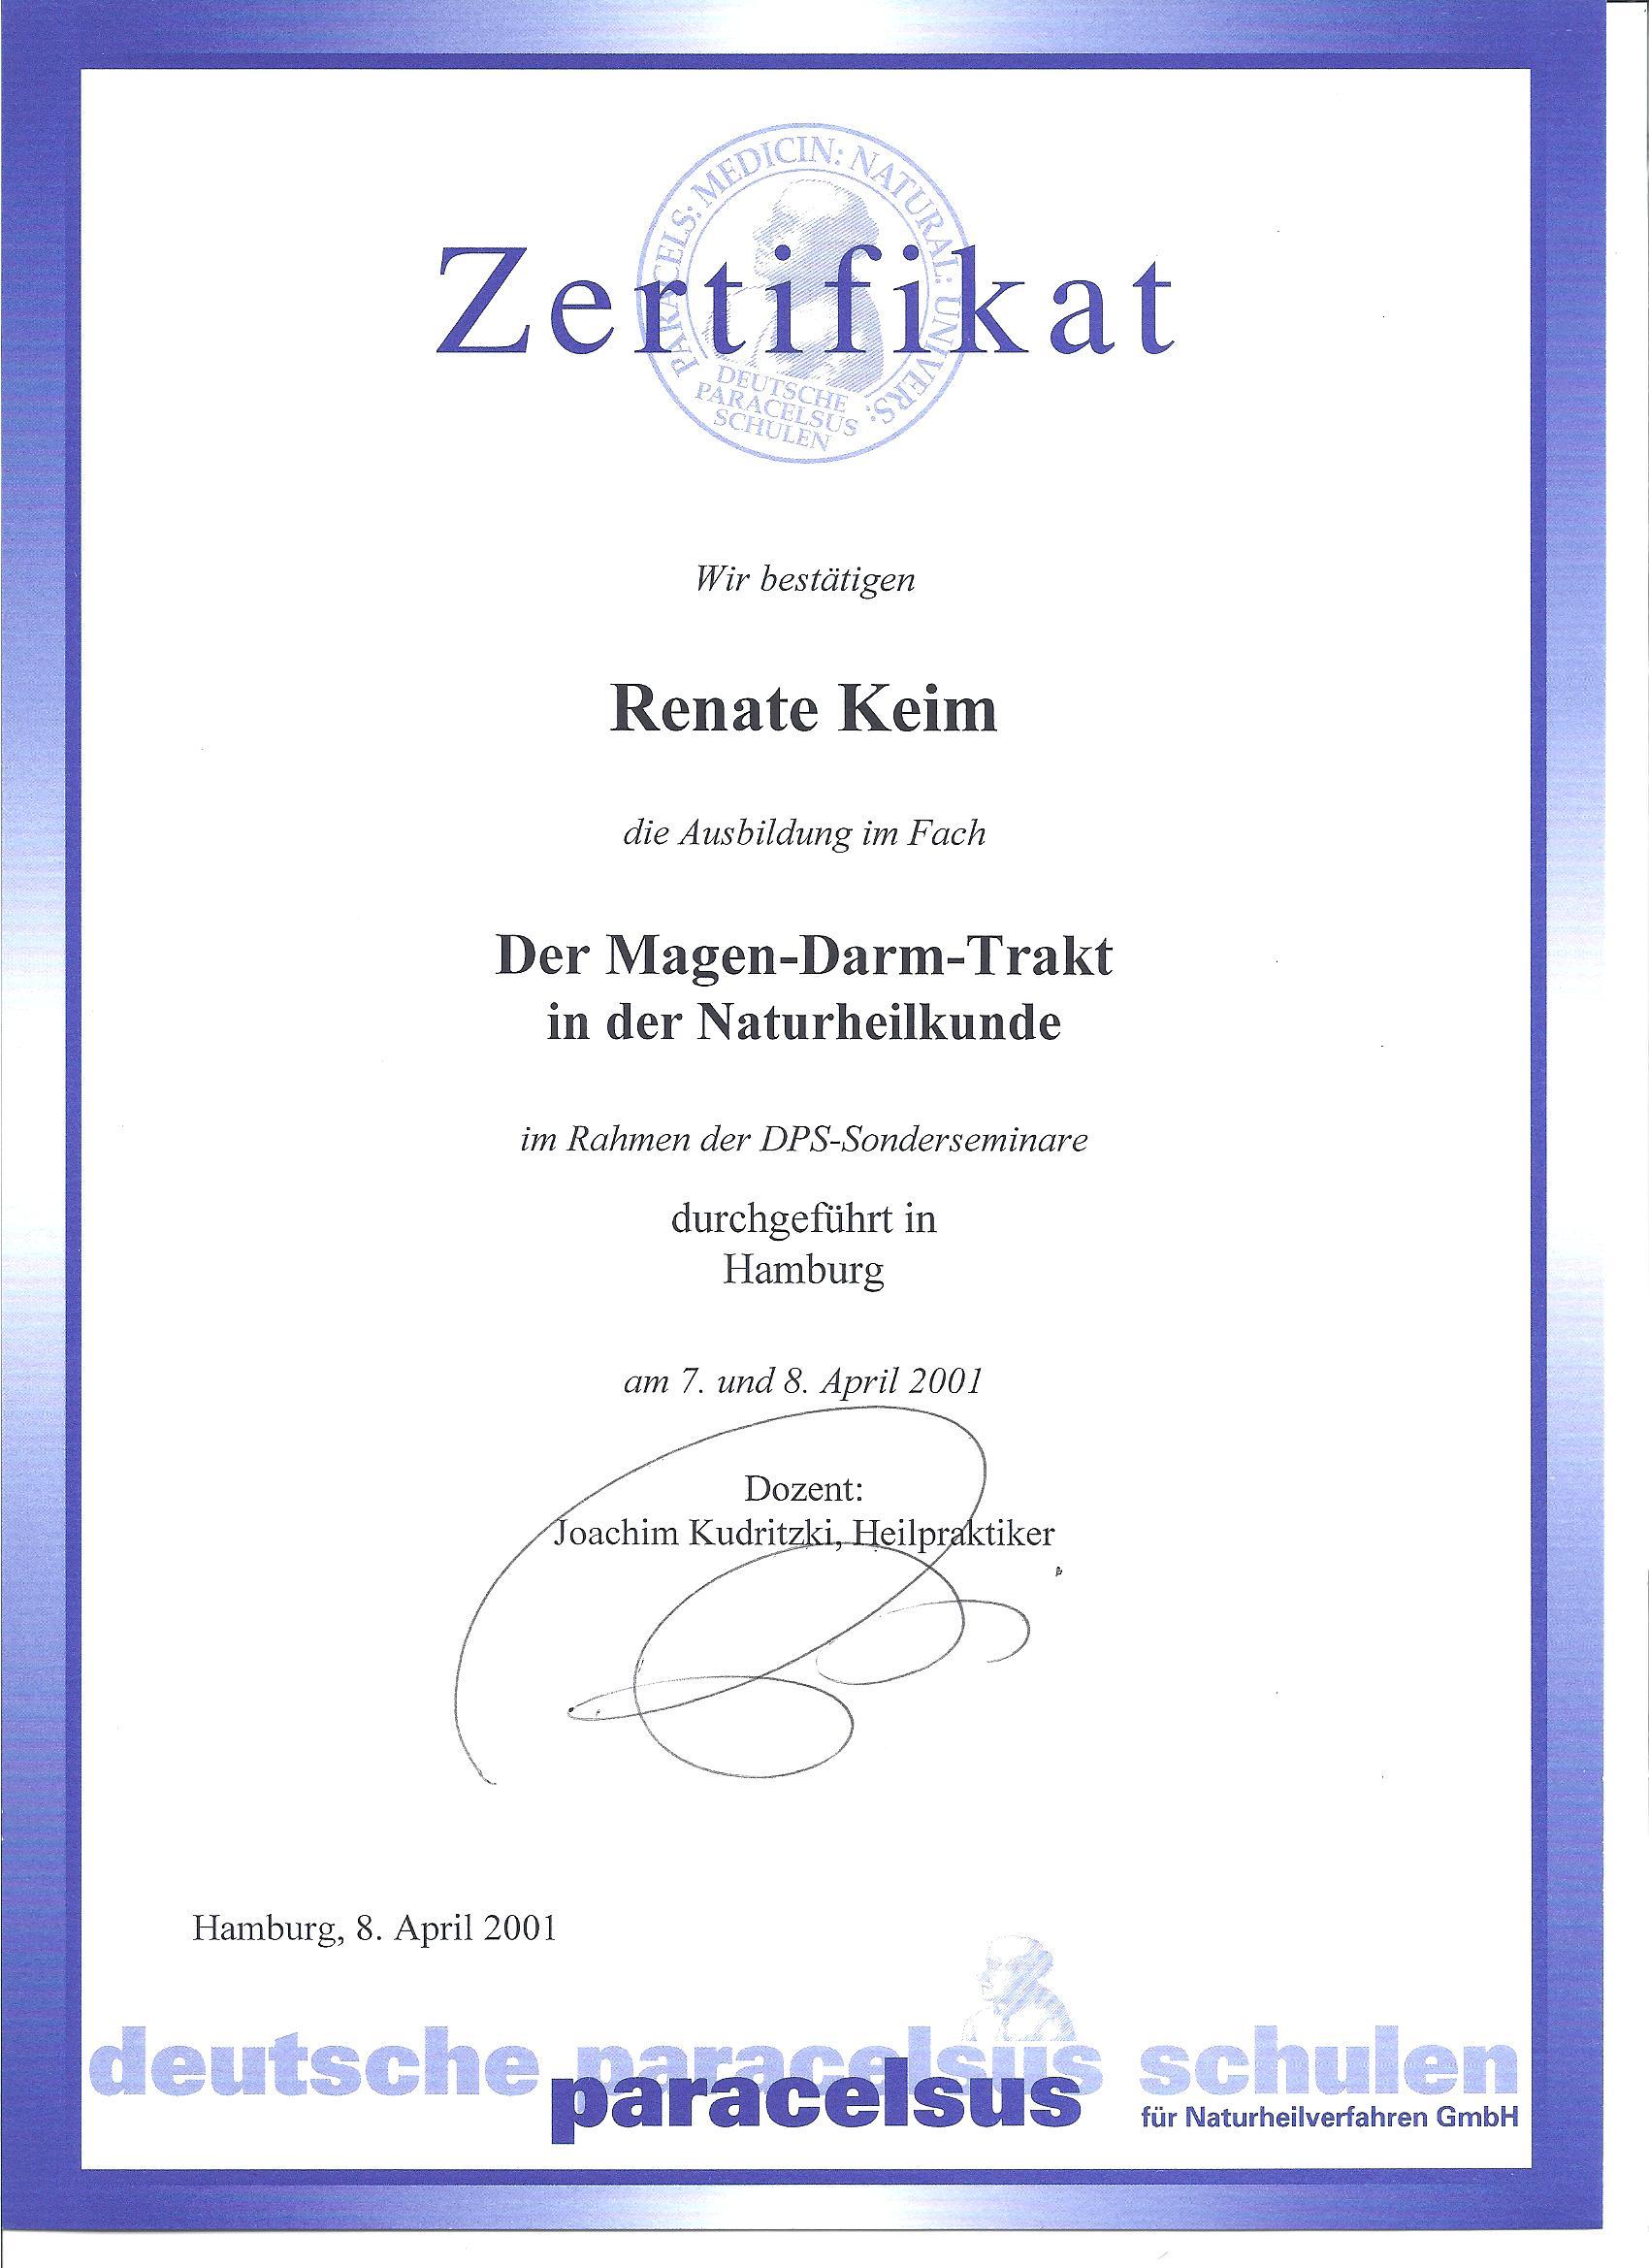 der Magen-Darm-Trakt in der Naturheilkunde 04/01 | Hubert\'s Feines ...